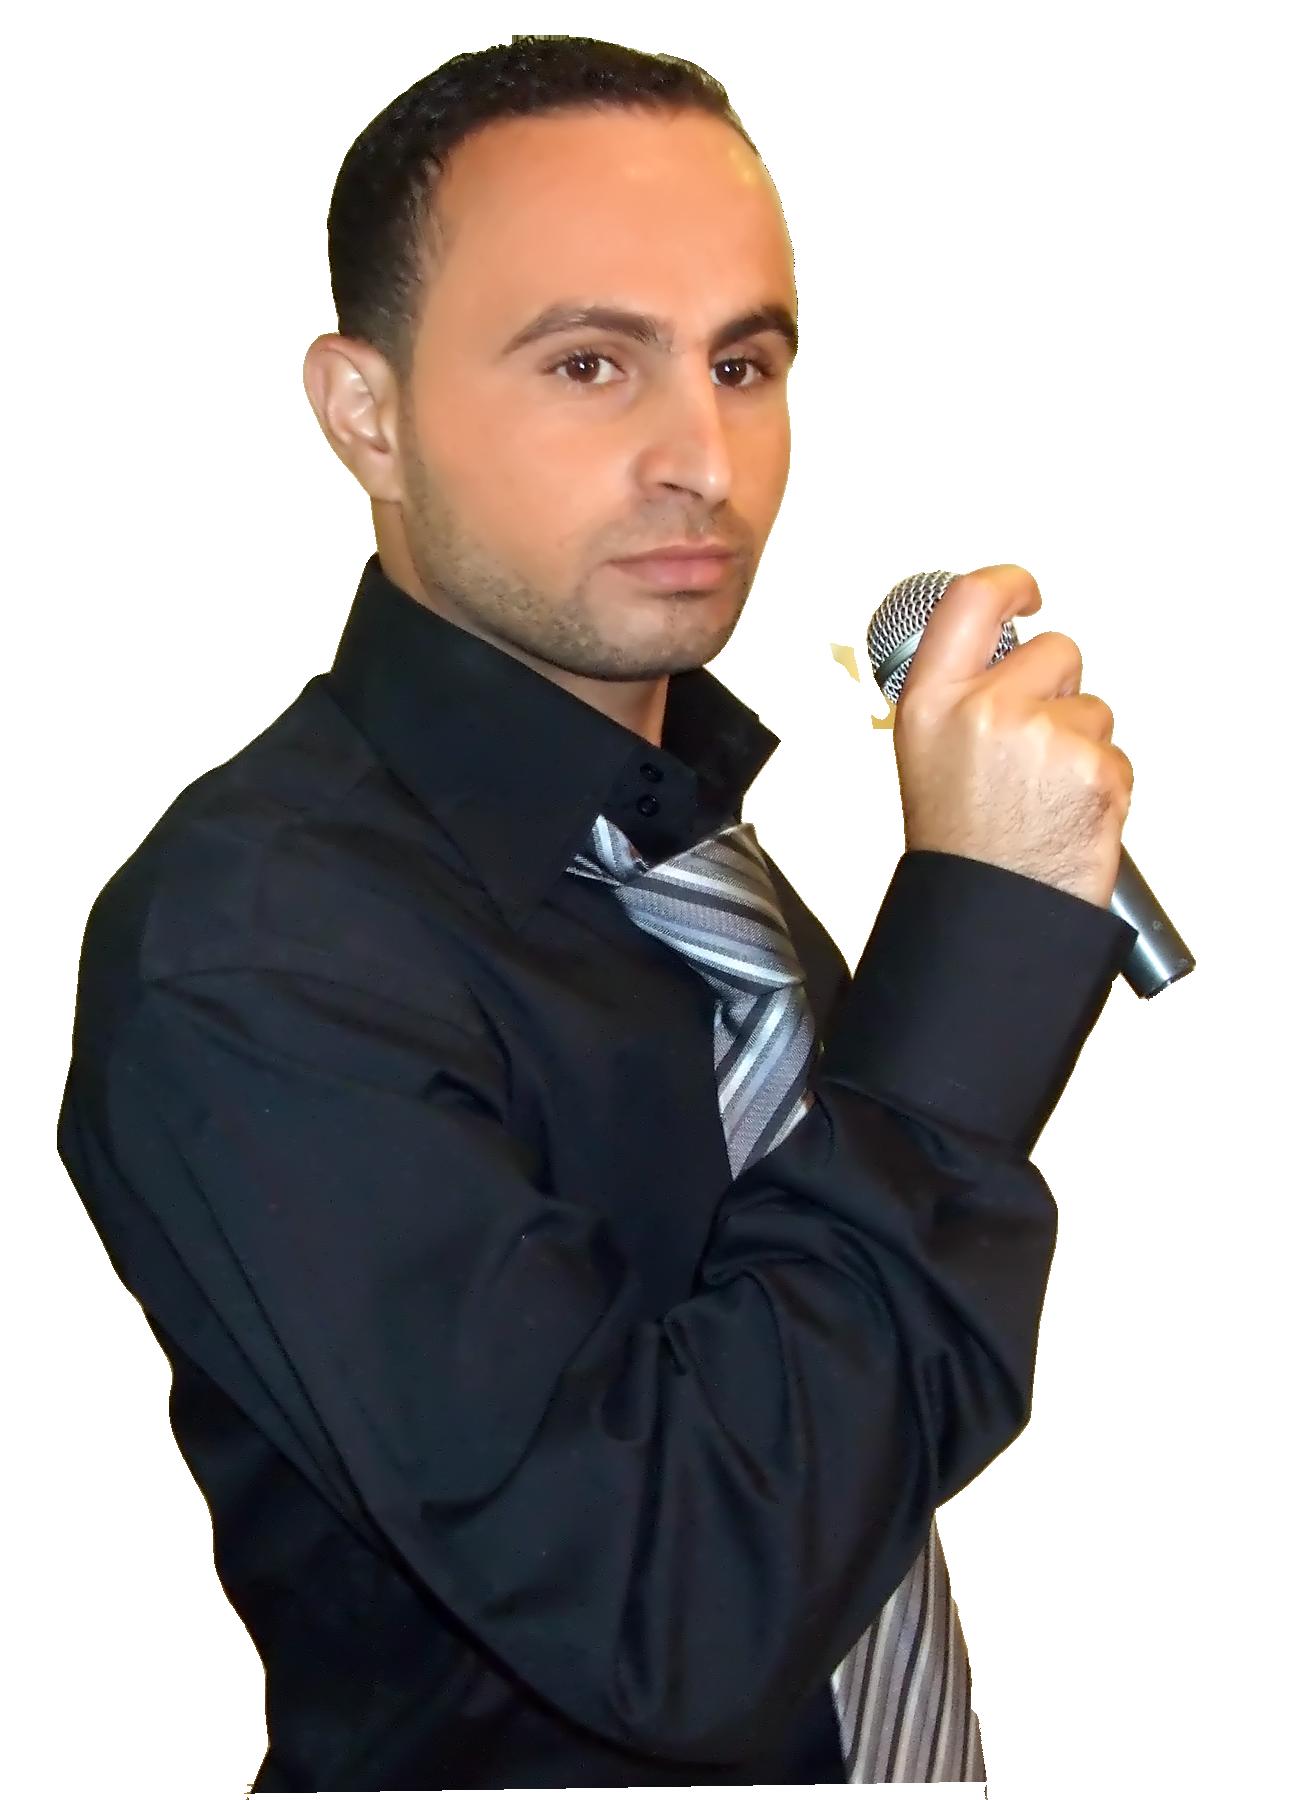 حسين السويطي / استماع و تحميل اغاني  mp3 موقع تسجيلات السويطي